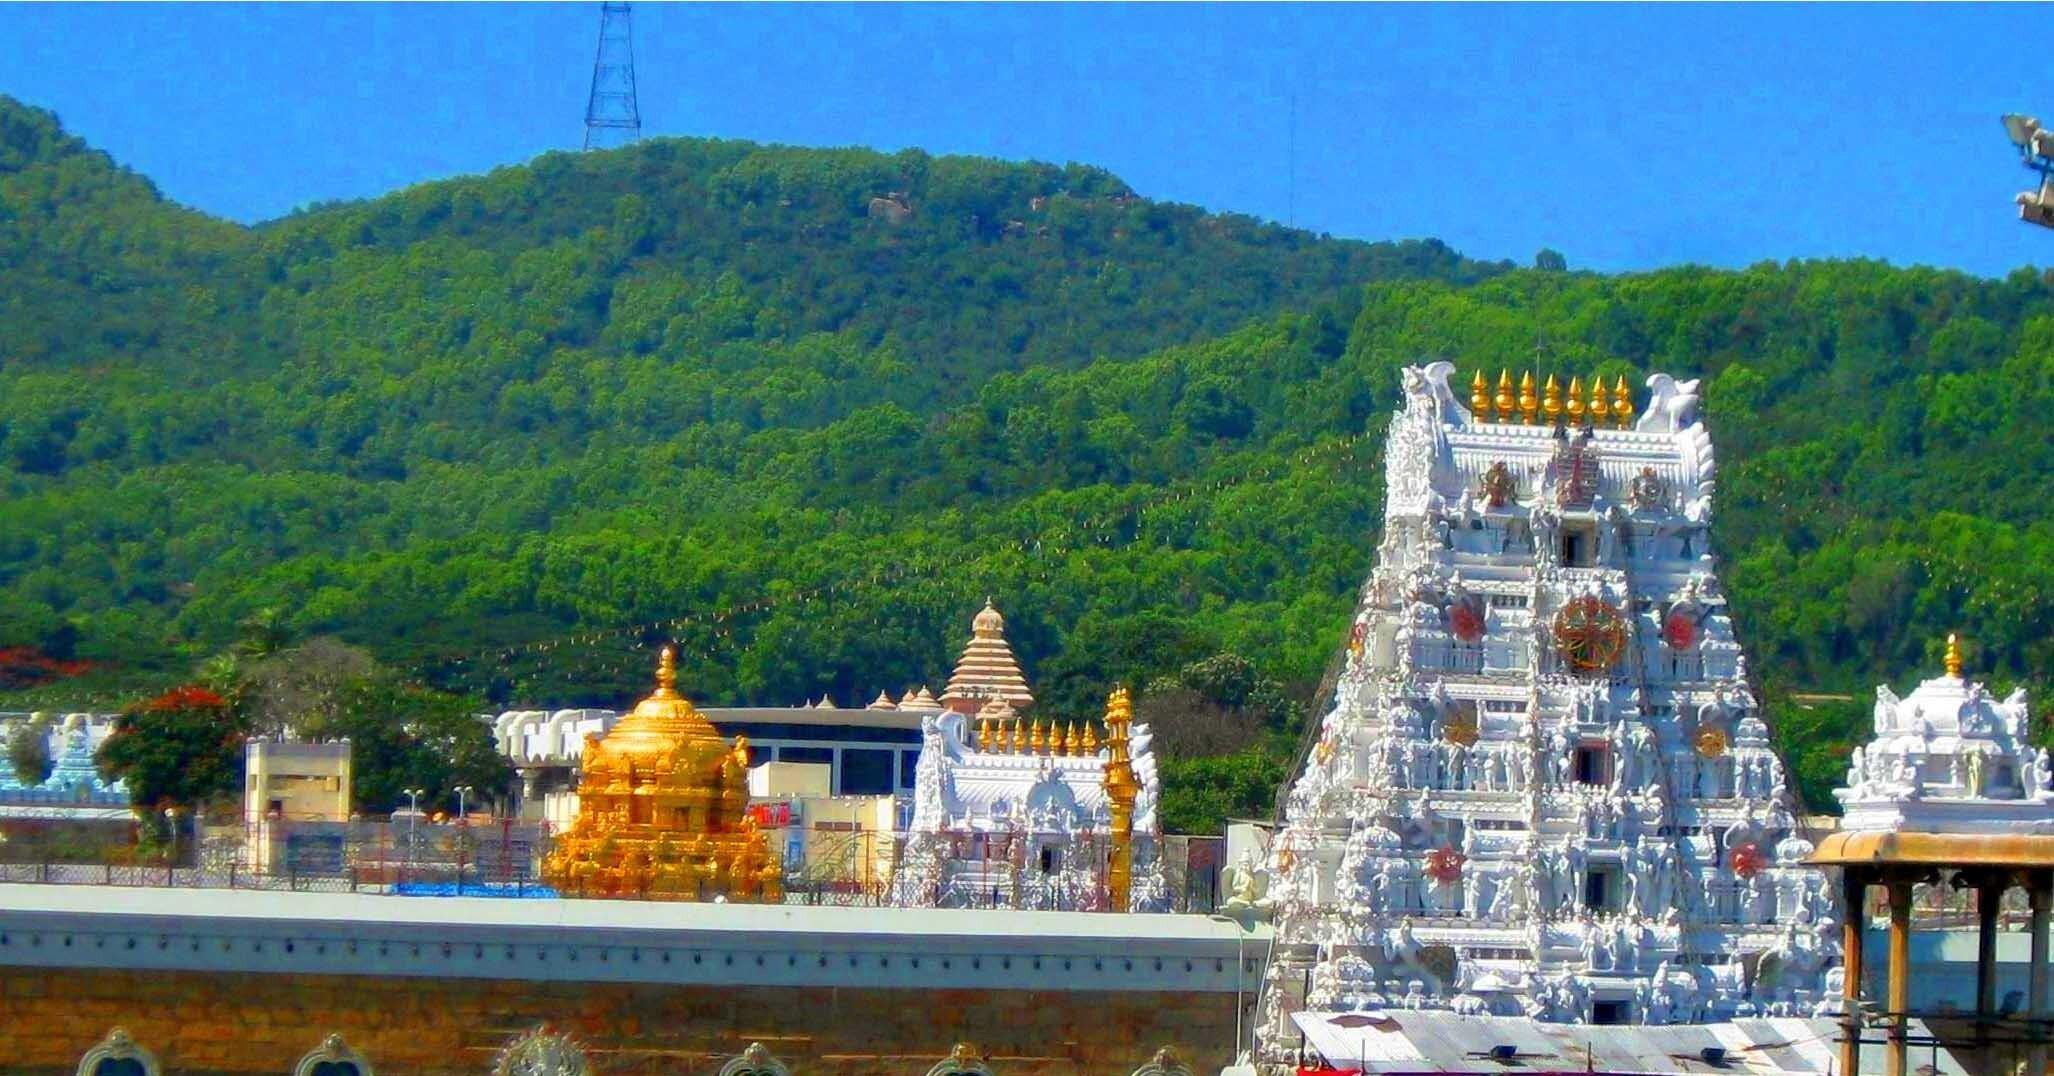 Lord Venkateswara Hd Wallpapers For Windows 7 Tirumal Tirupati Balaji Temple Wallpapers For Desktop Hd